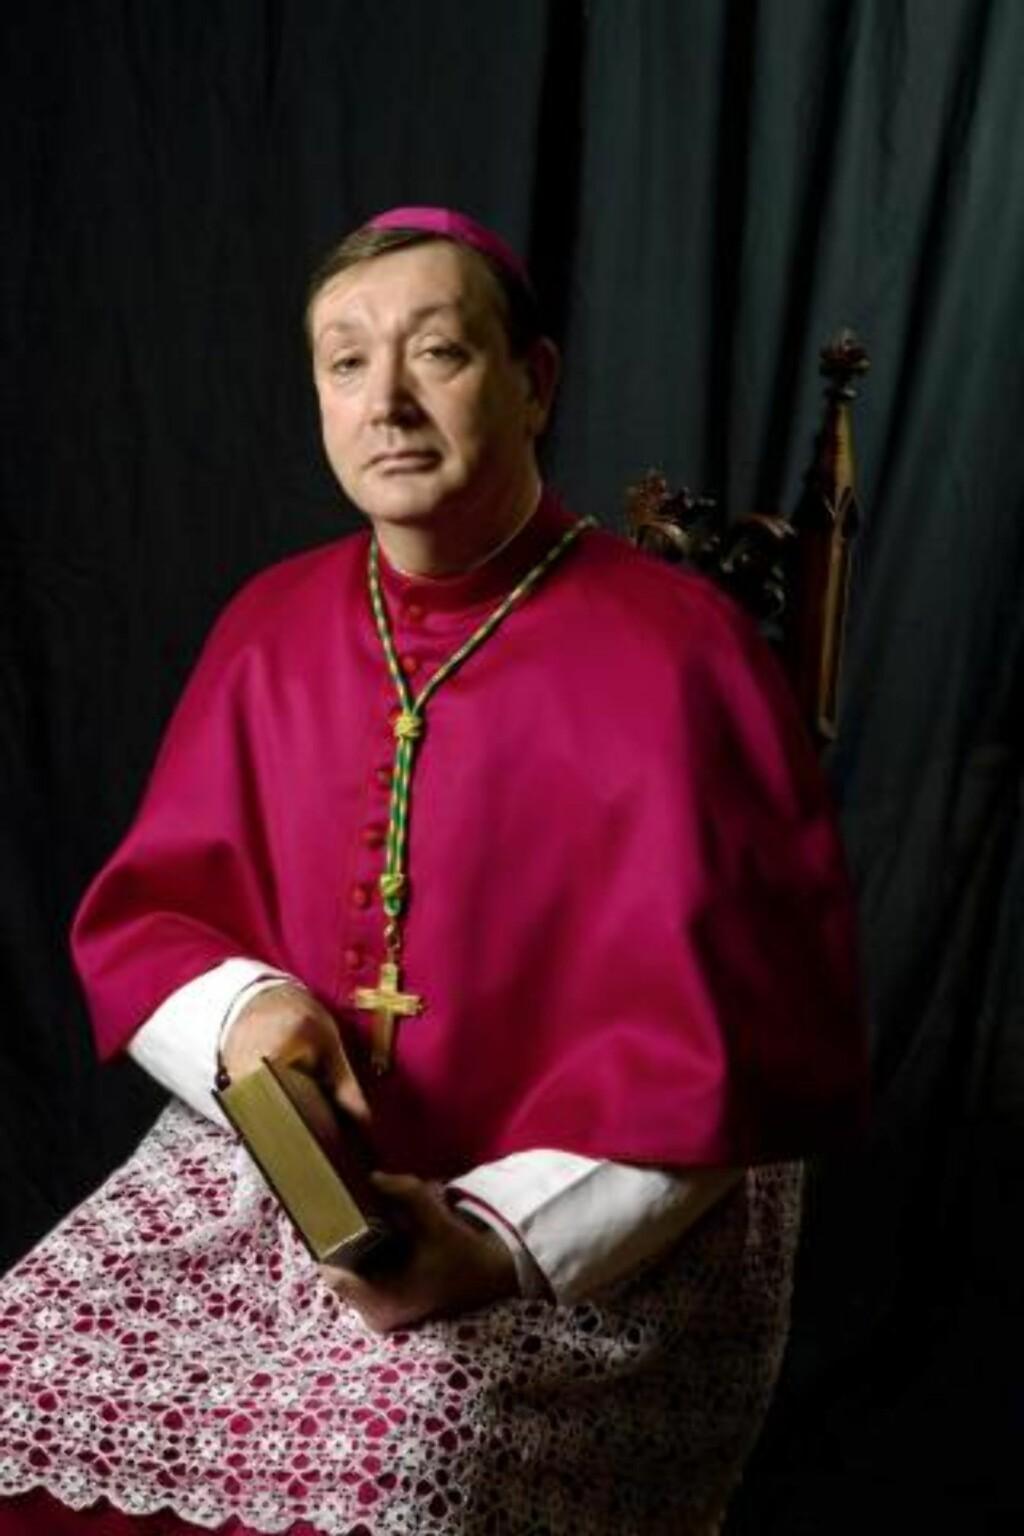 SENDER PENGER: Biskop Bernt Eidsvig (bildet) innrømmer at bispedømmet i Norget fremdeles utbetaler over 8000 kroner i måneden til Georg Müller. Foto: katolsk.no